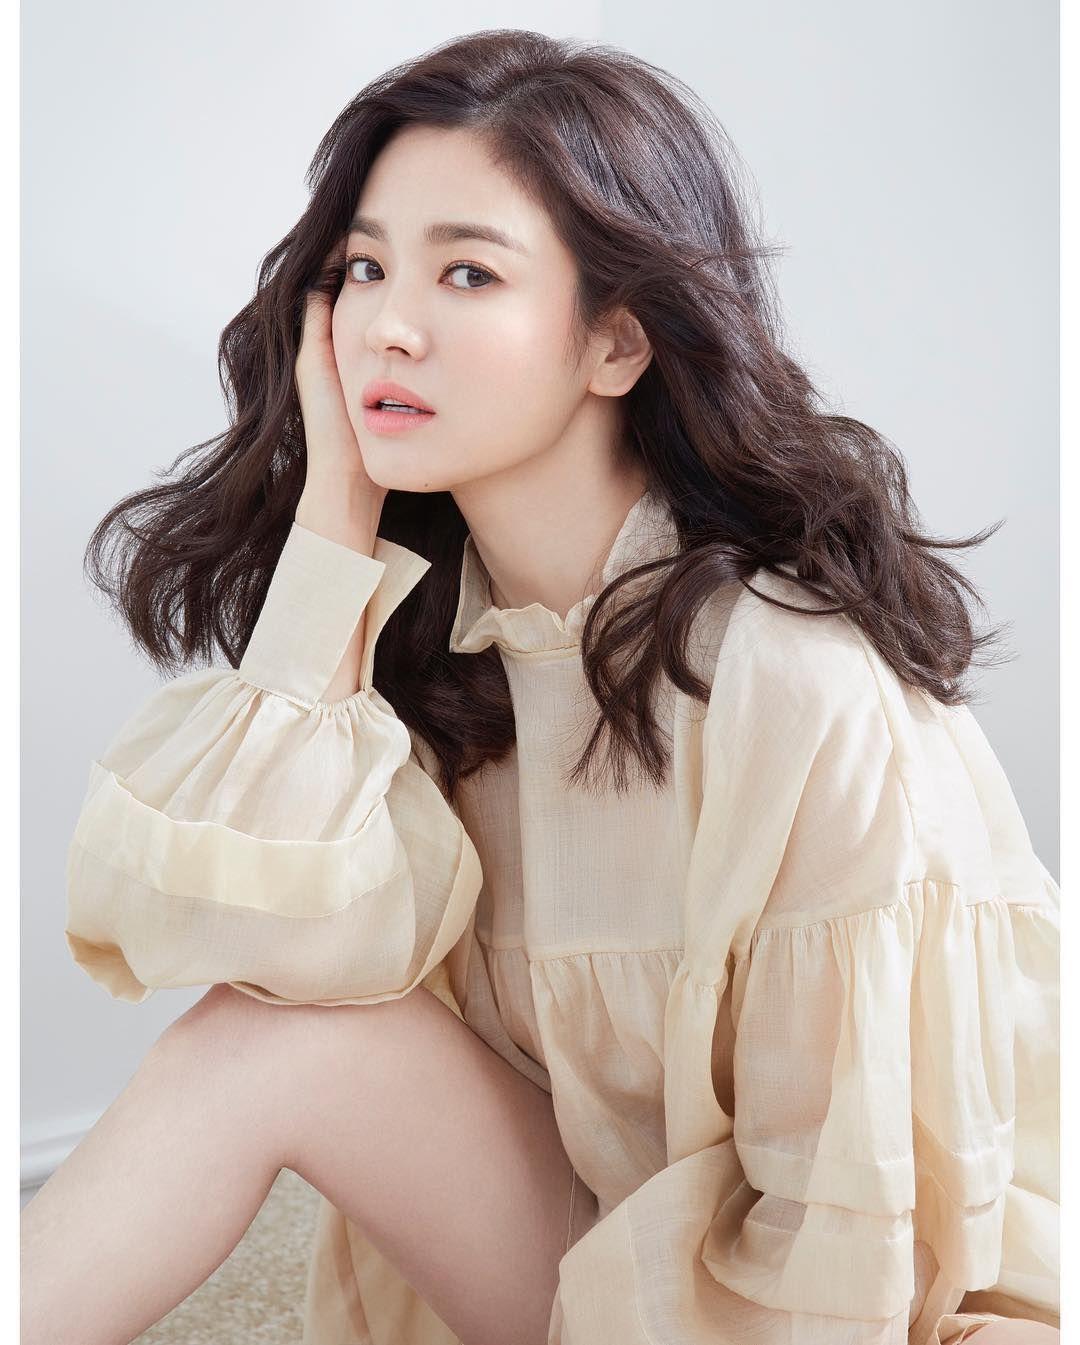 2021 年「南韓最美女演員」排行榜出爐,是誰擠掉宋慧喬、朴信惠?